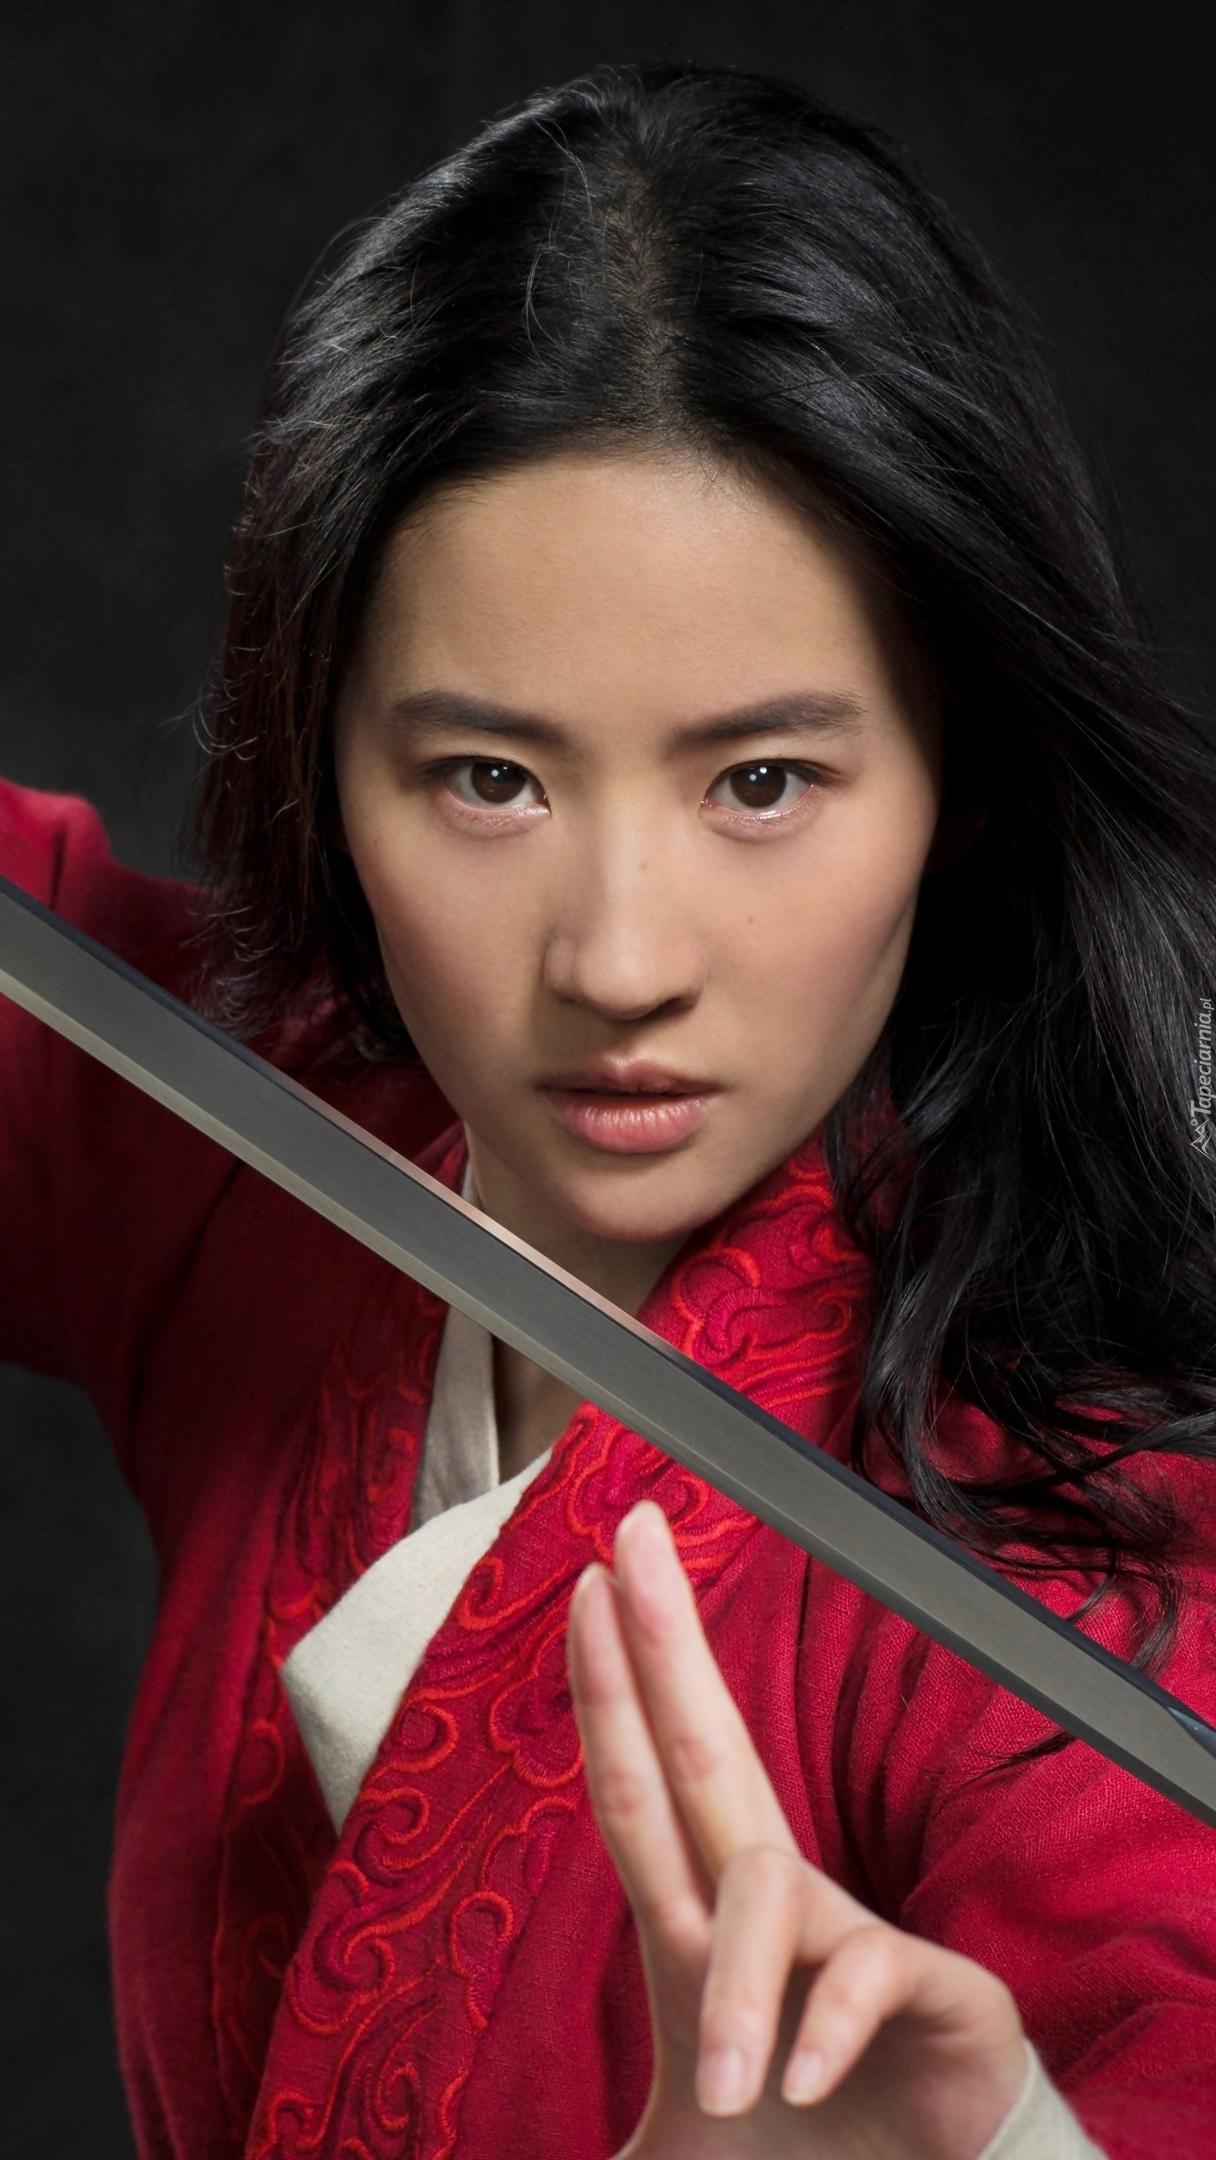 Aktorka Liu Yifei